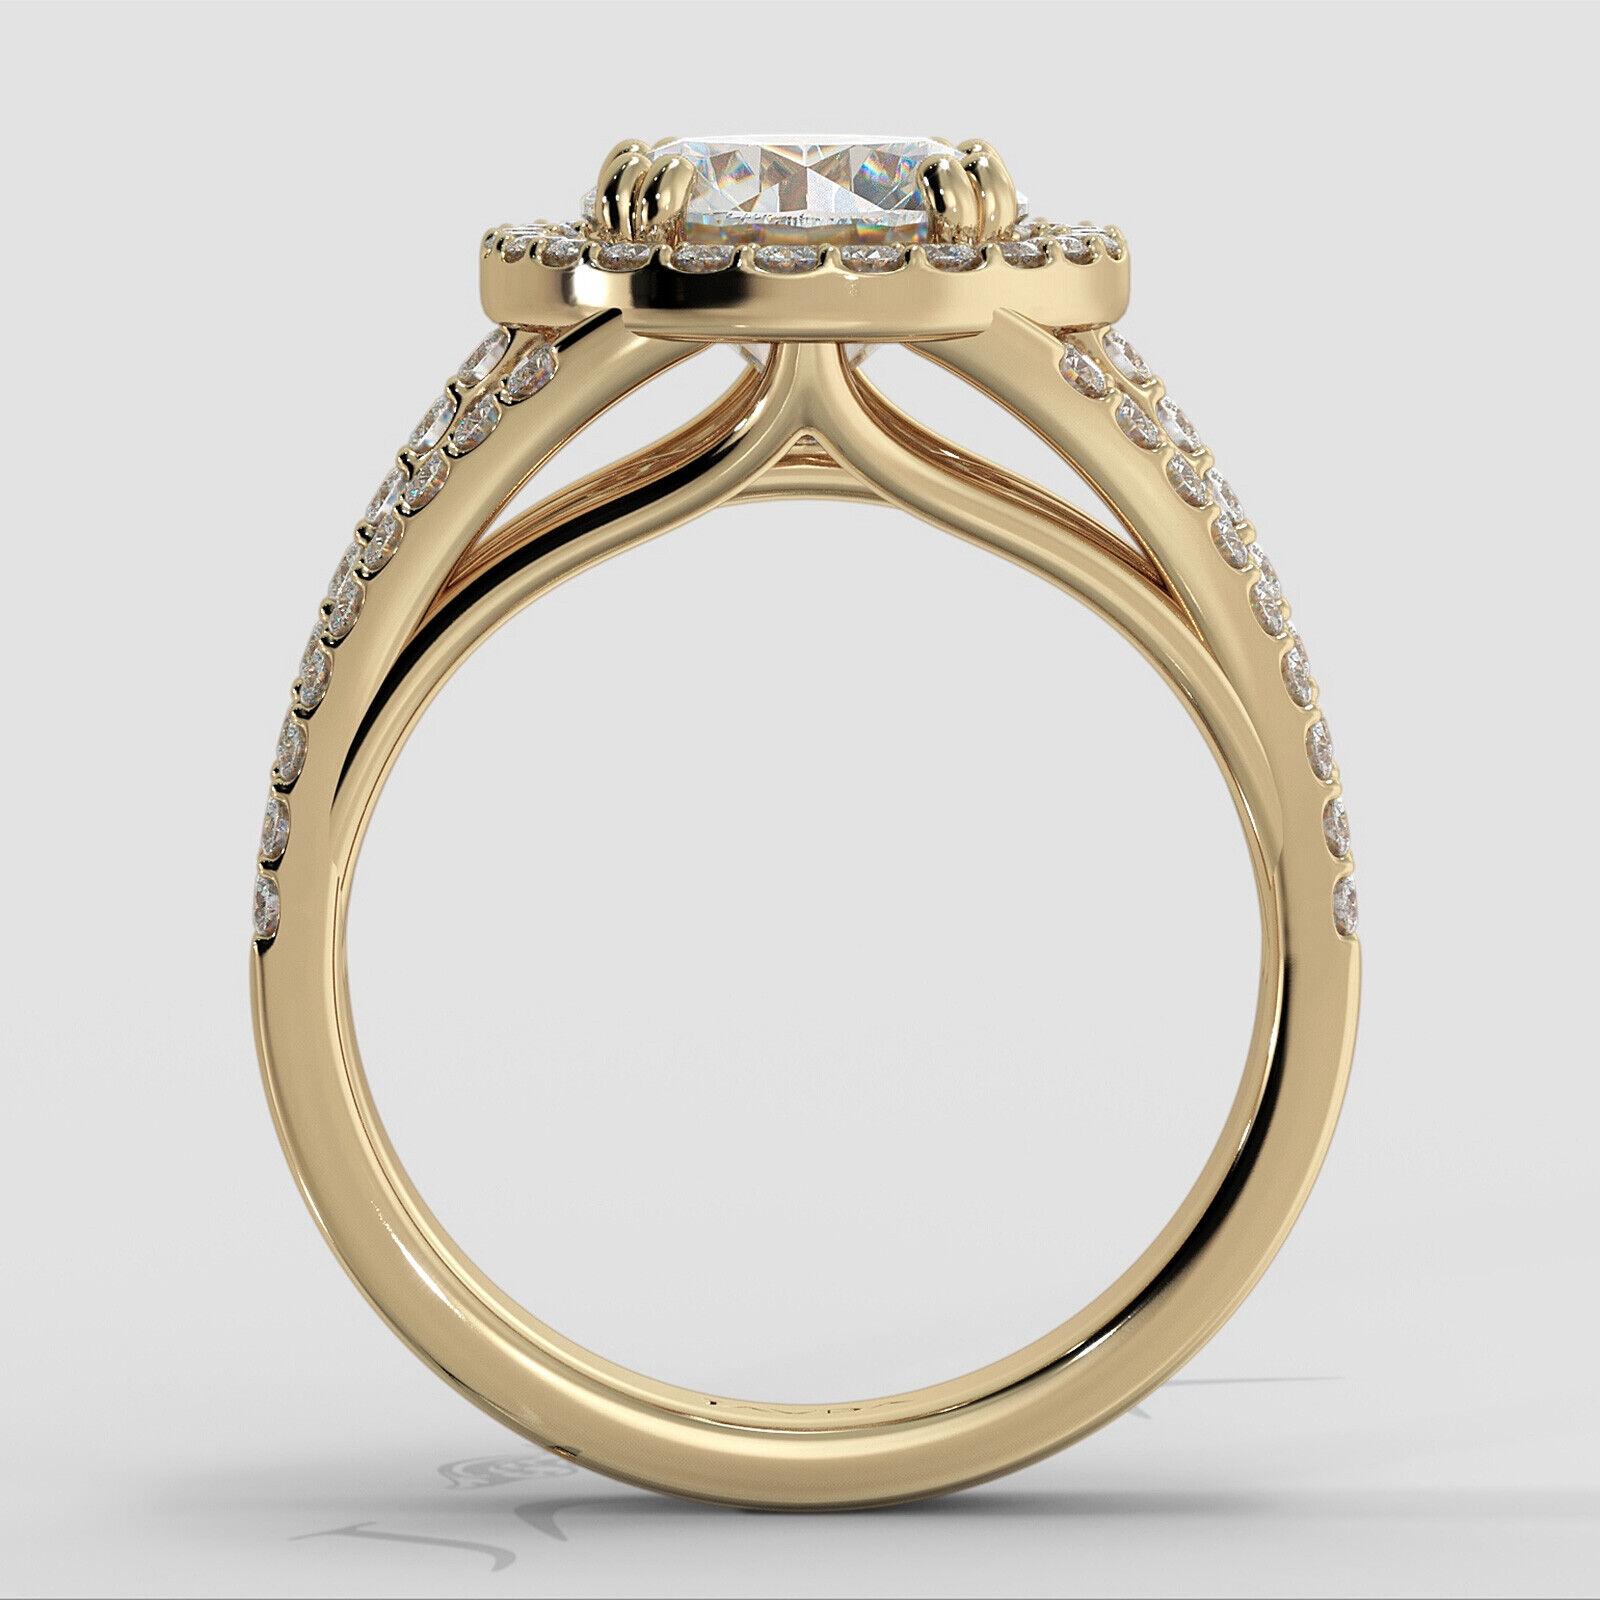 2ct Trio Shank Halo Sidestone Round Diamond Engagement Ring GIA E-VS2 White Gold 11